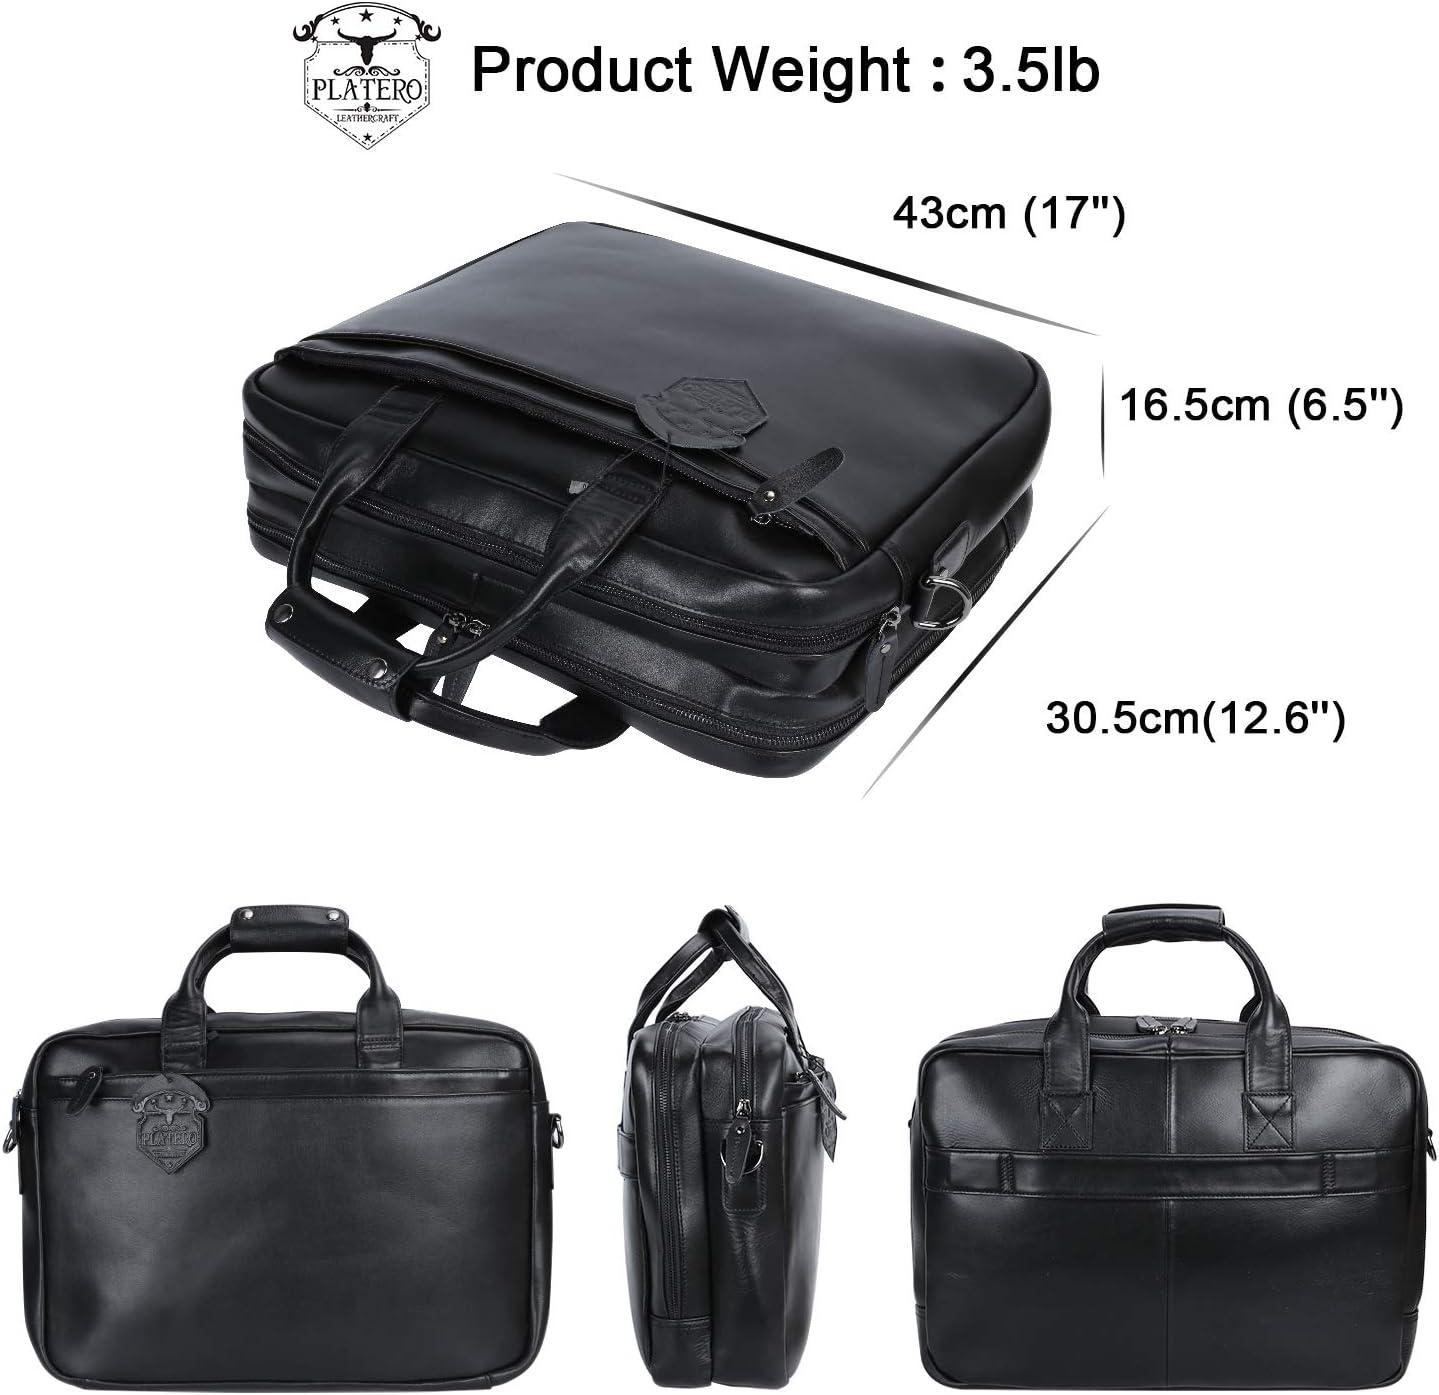 Noir Platero Nappa Sacoche en Cuir v/éritable pour Homme Messenger Bag Fit 15.6  Sacoche pour Ordinateur Portable Sacoche pour Les Affaires